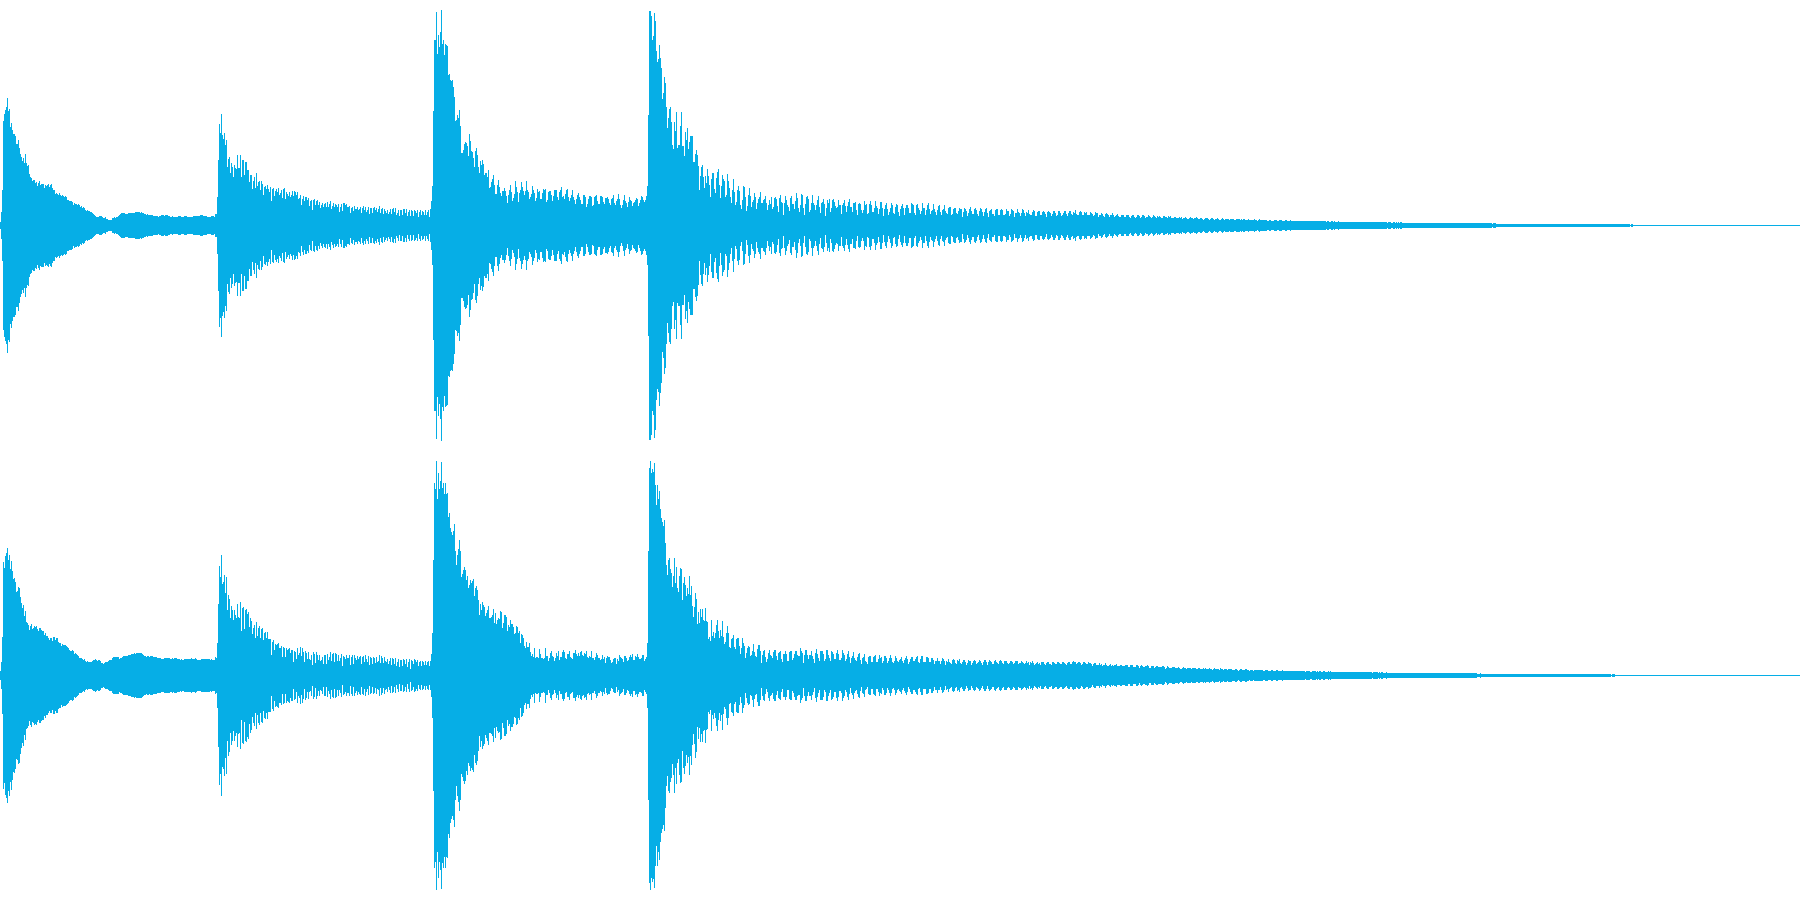 ピンポンパンポン。お知らせ音(終了)の再生済みの波形